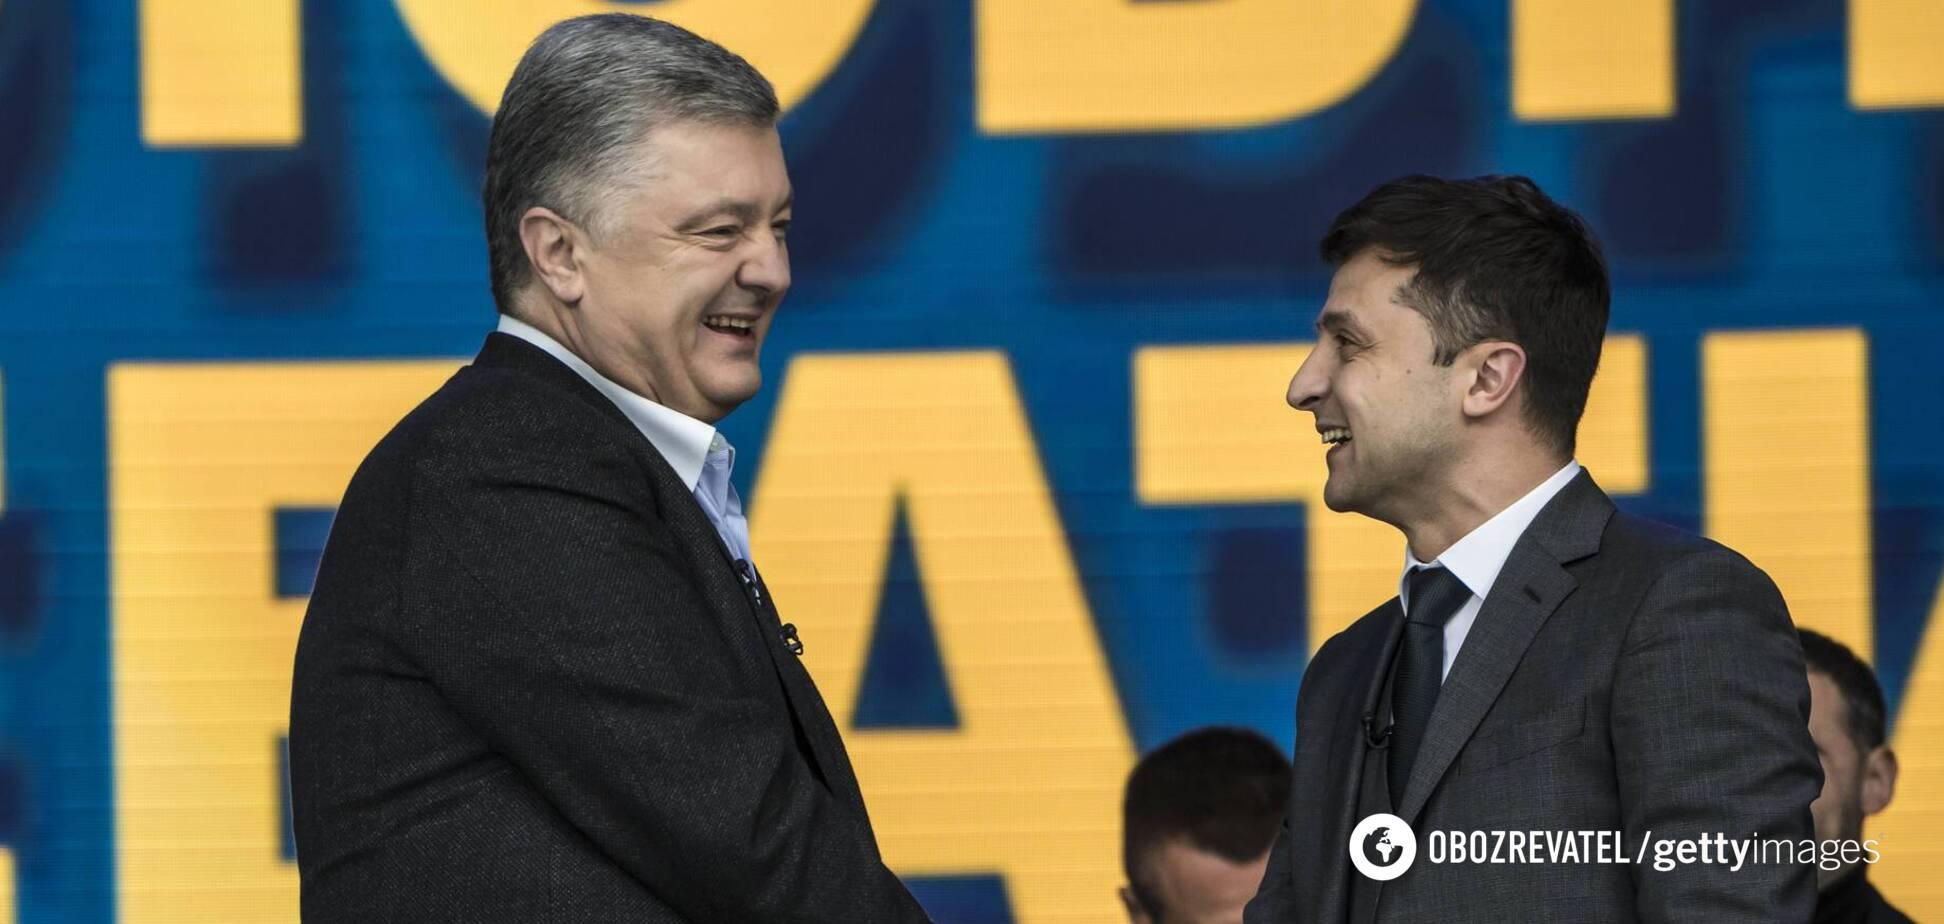 НАЗК узялось за декларації 13 топчиновників: у списку Зеленський і Порошенко